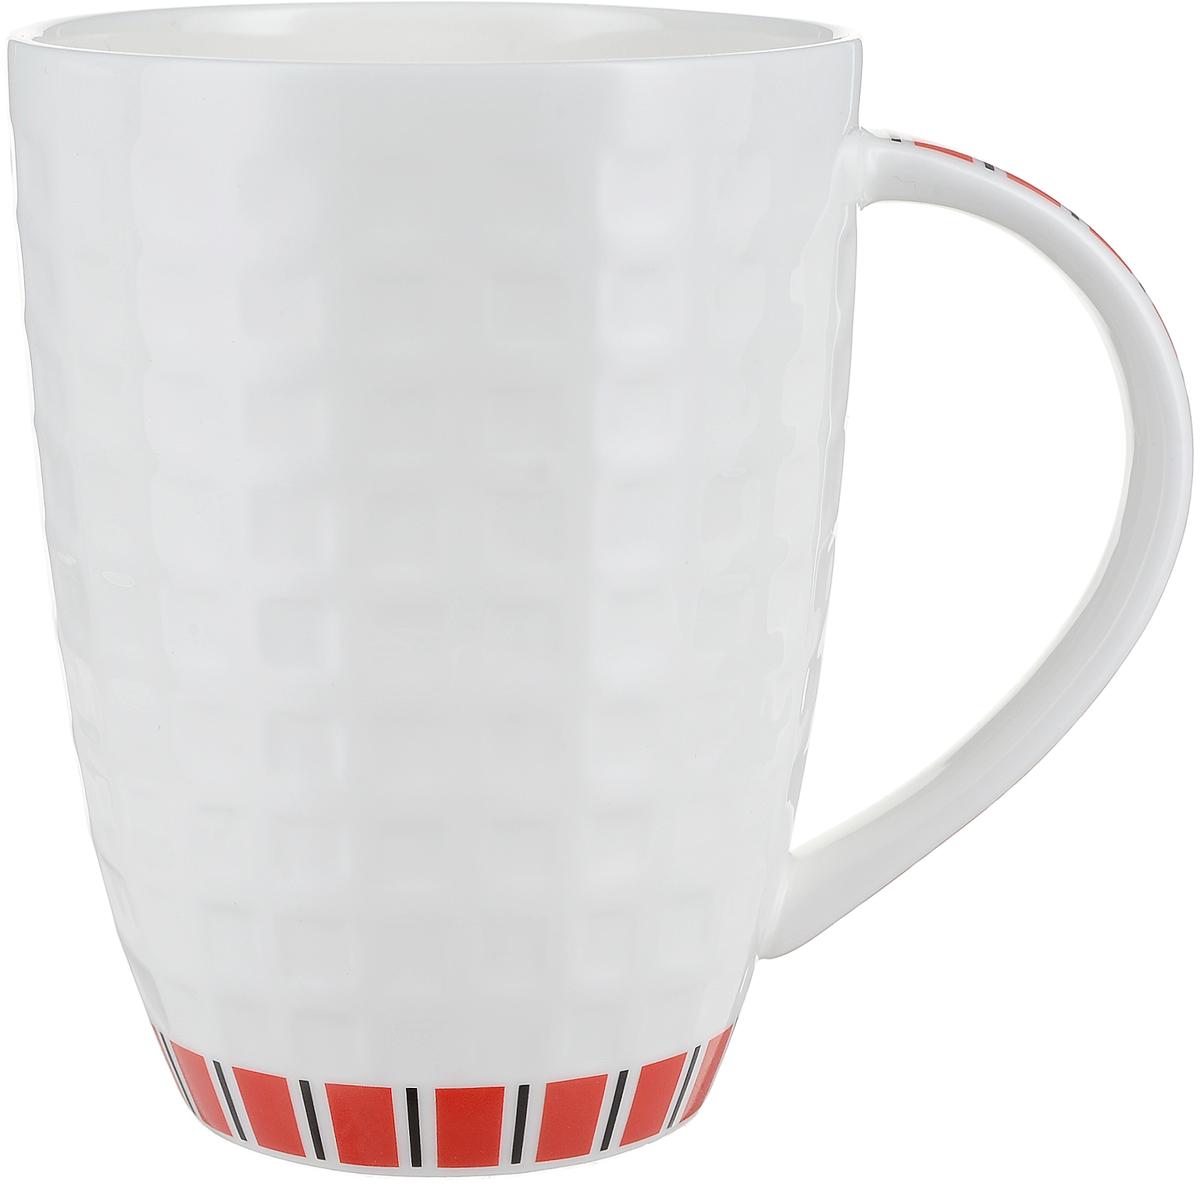 """Фарфор """"Royal Aurel"""" отличается исключительной белизной, что объясняется уникальными компонентами и традиционной технологией, по которой он был изготовлен. Белая глина из провинции Фуцзянь и традиционные рецепты китайских мастеров создают неповторимую композицию. Дизайн коллекций выполнен в соответствии с актуальными европейскими тенденциями.Материал: костяной фарфор."""